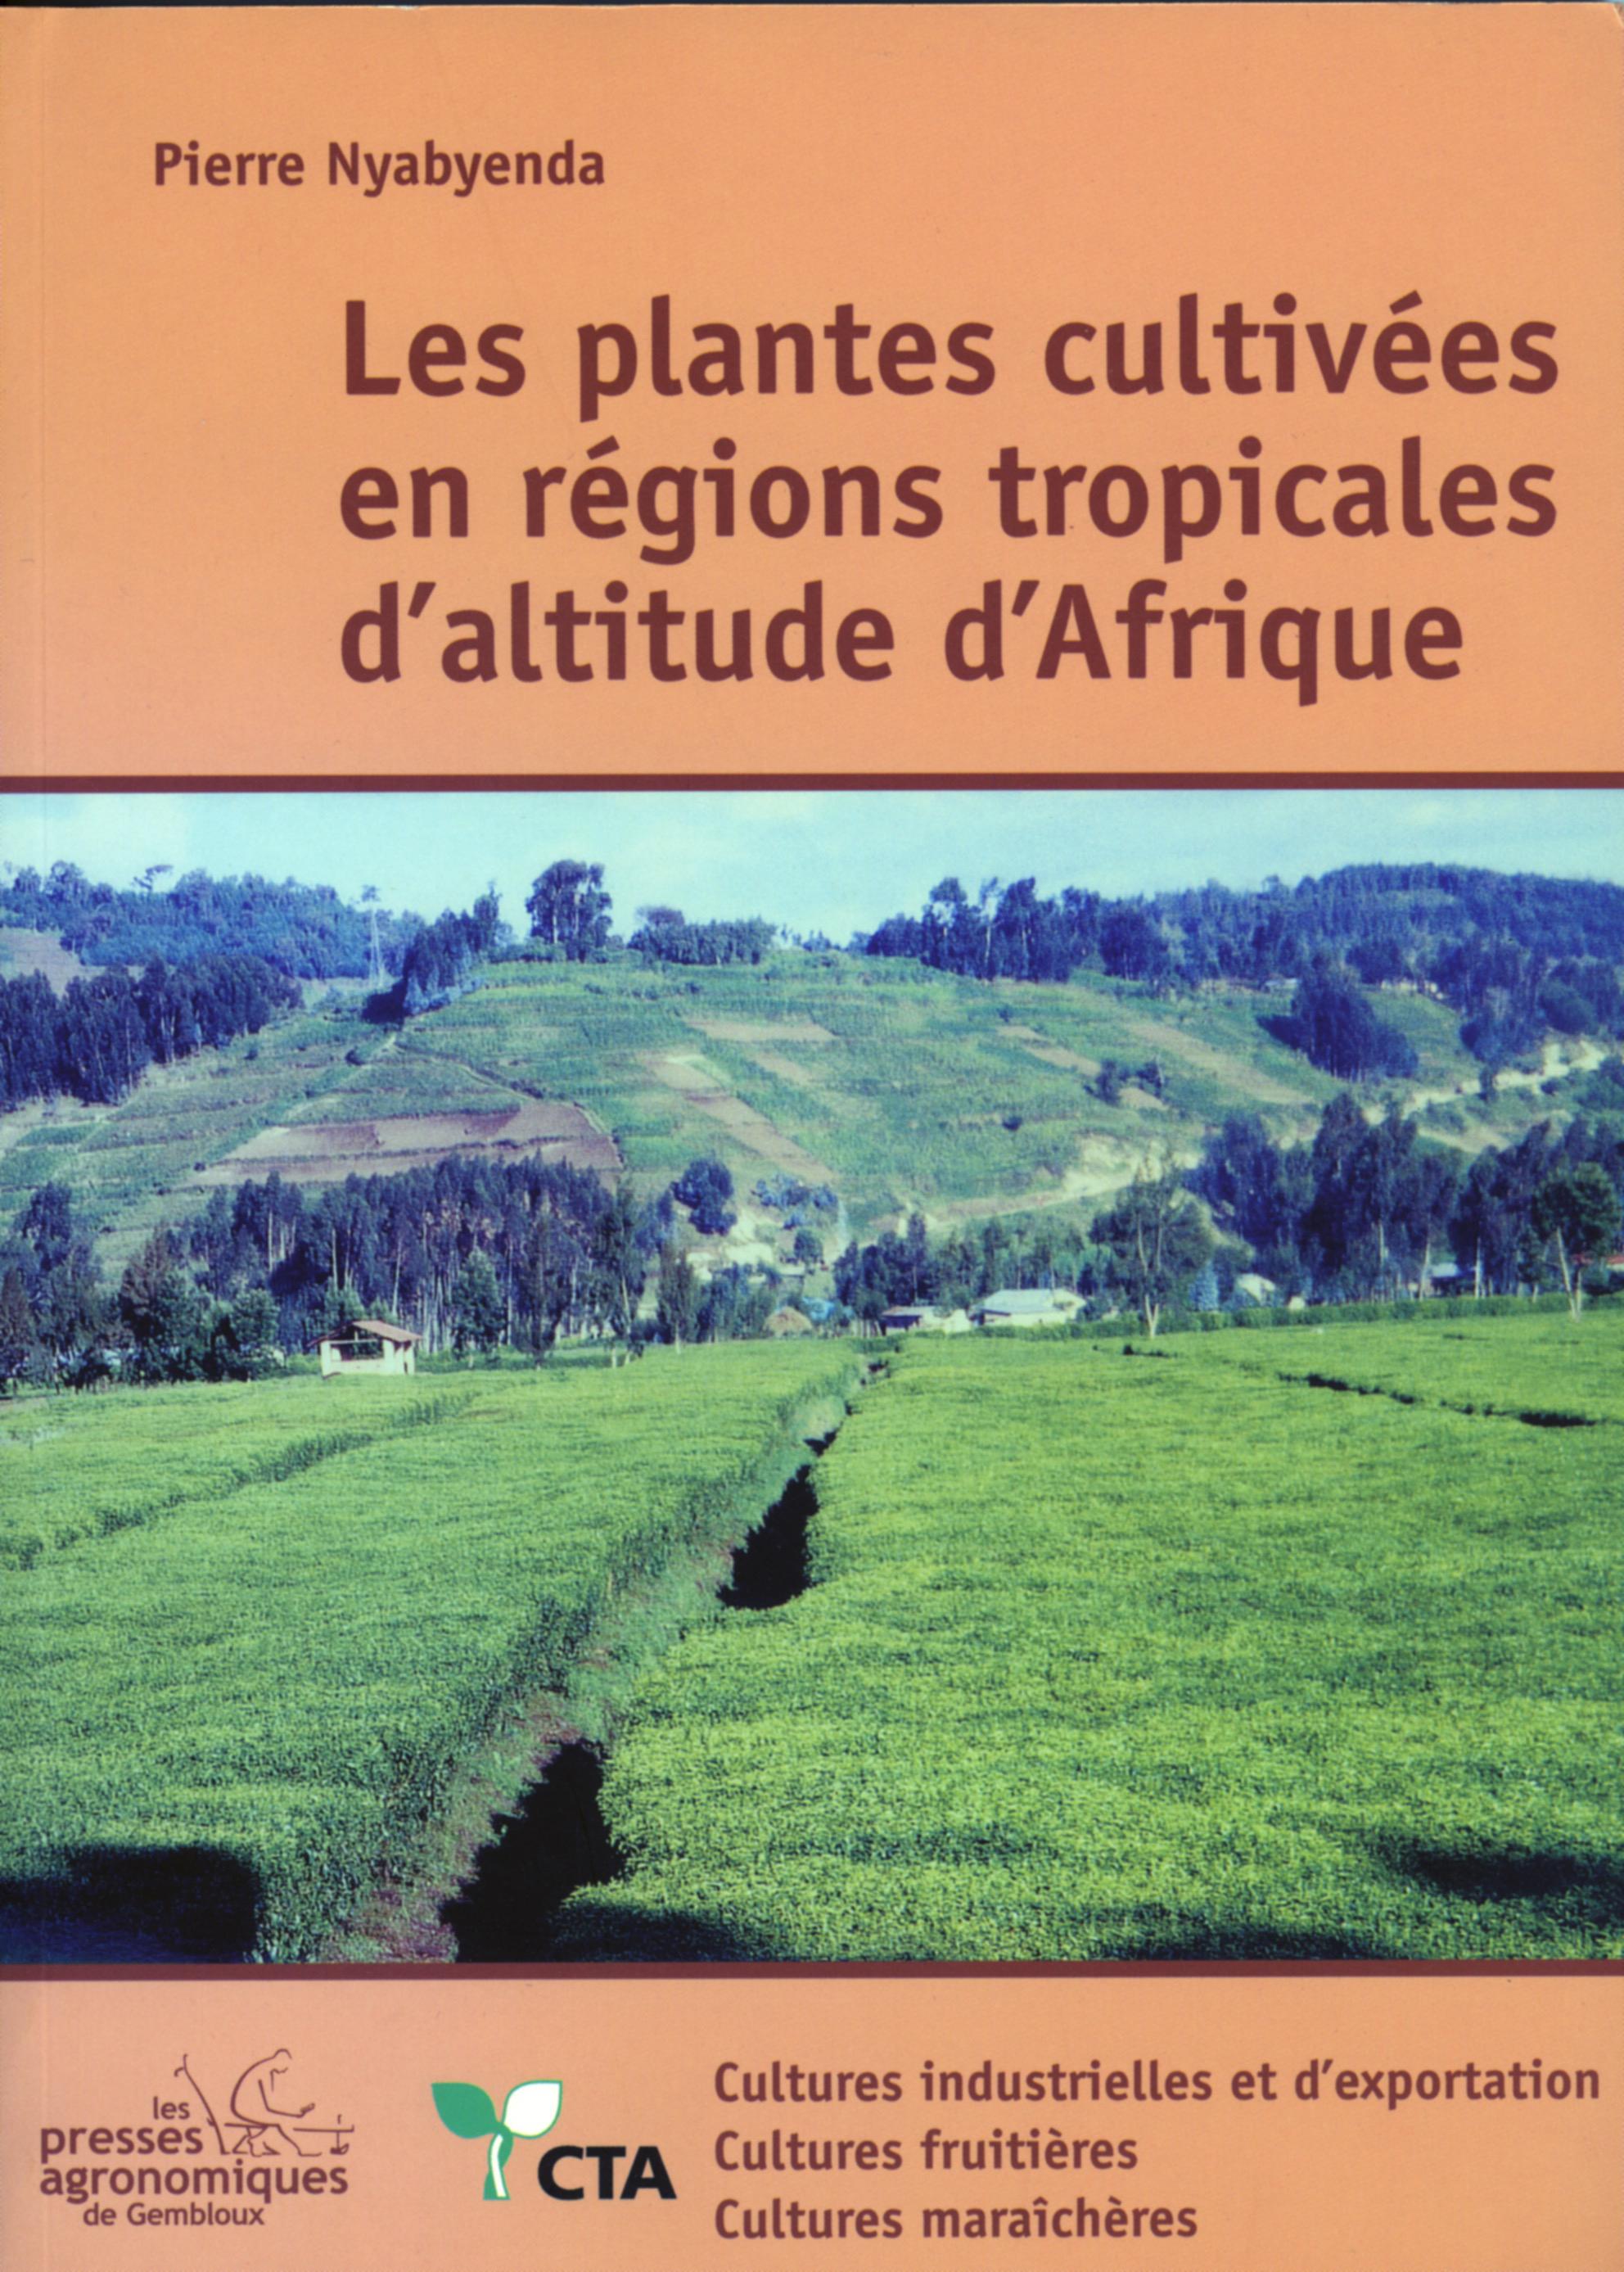 LES PLANTES CULTIVEES EN REGIONS TROPICALES D'ALTITUDE D'AFRIQUE, TOME 2 CULTURES INDUSTRIELLES ET D